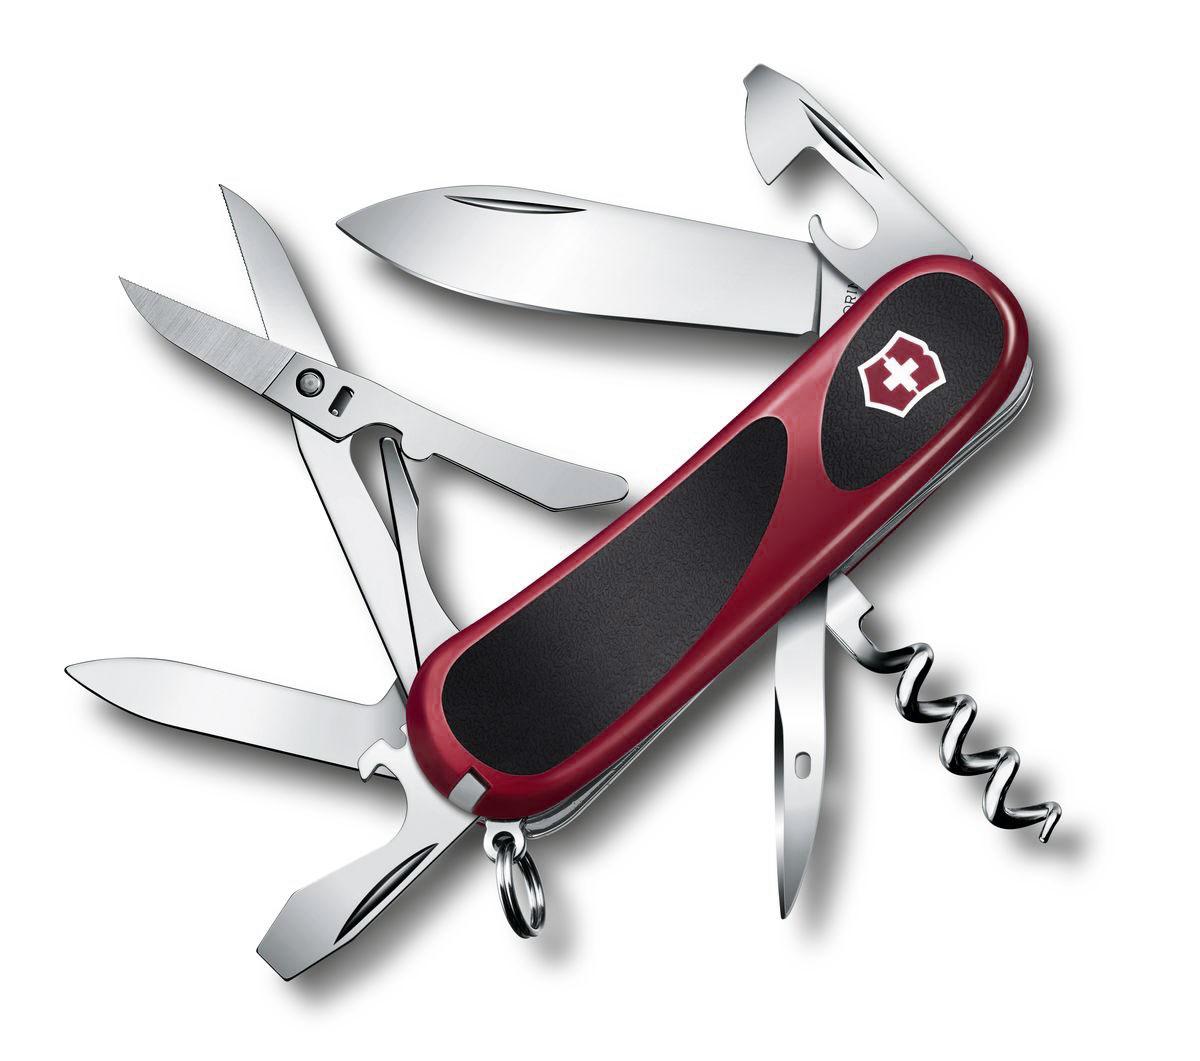 """Нож перочинный Victorinox """"Evolution S14"""", цвет: красный, черный, 14 функций, 8,5 см"""